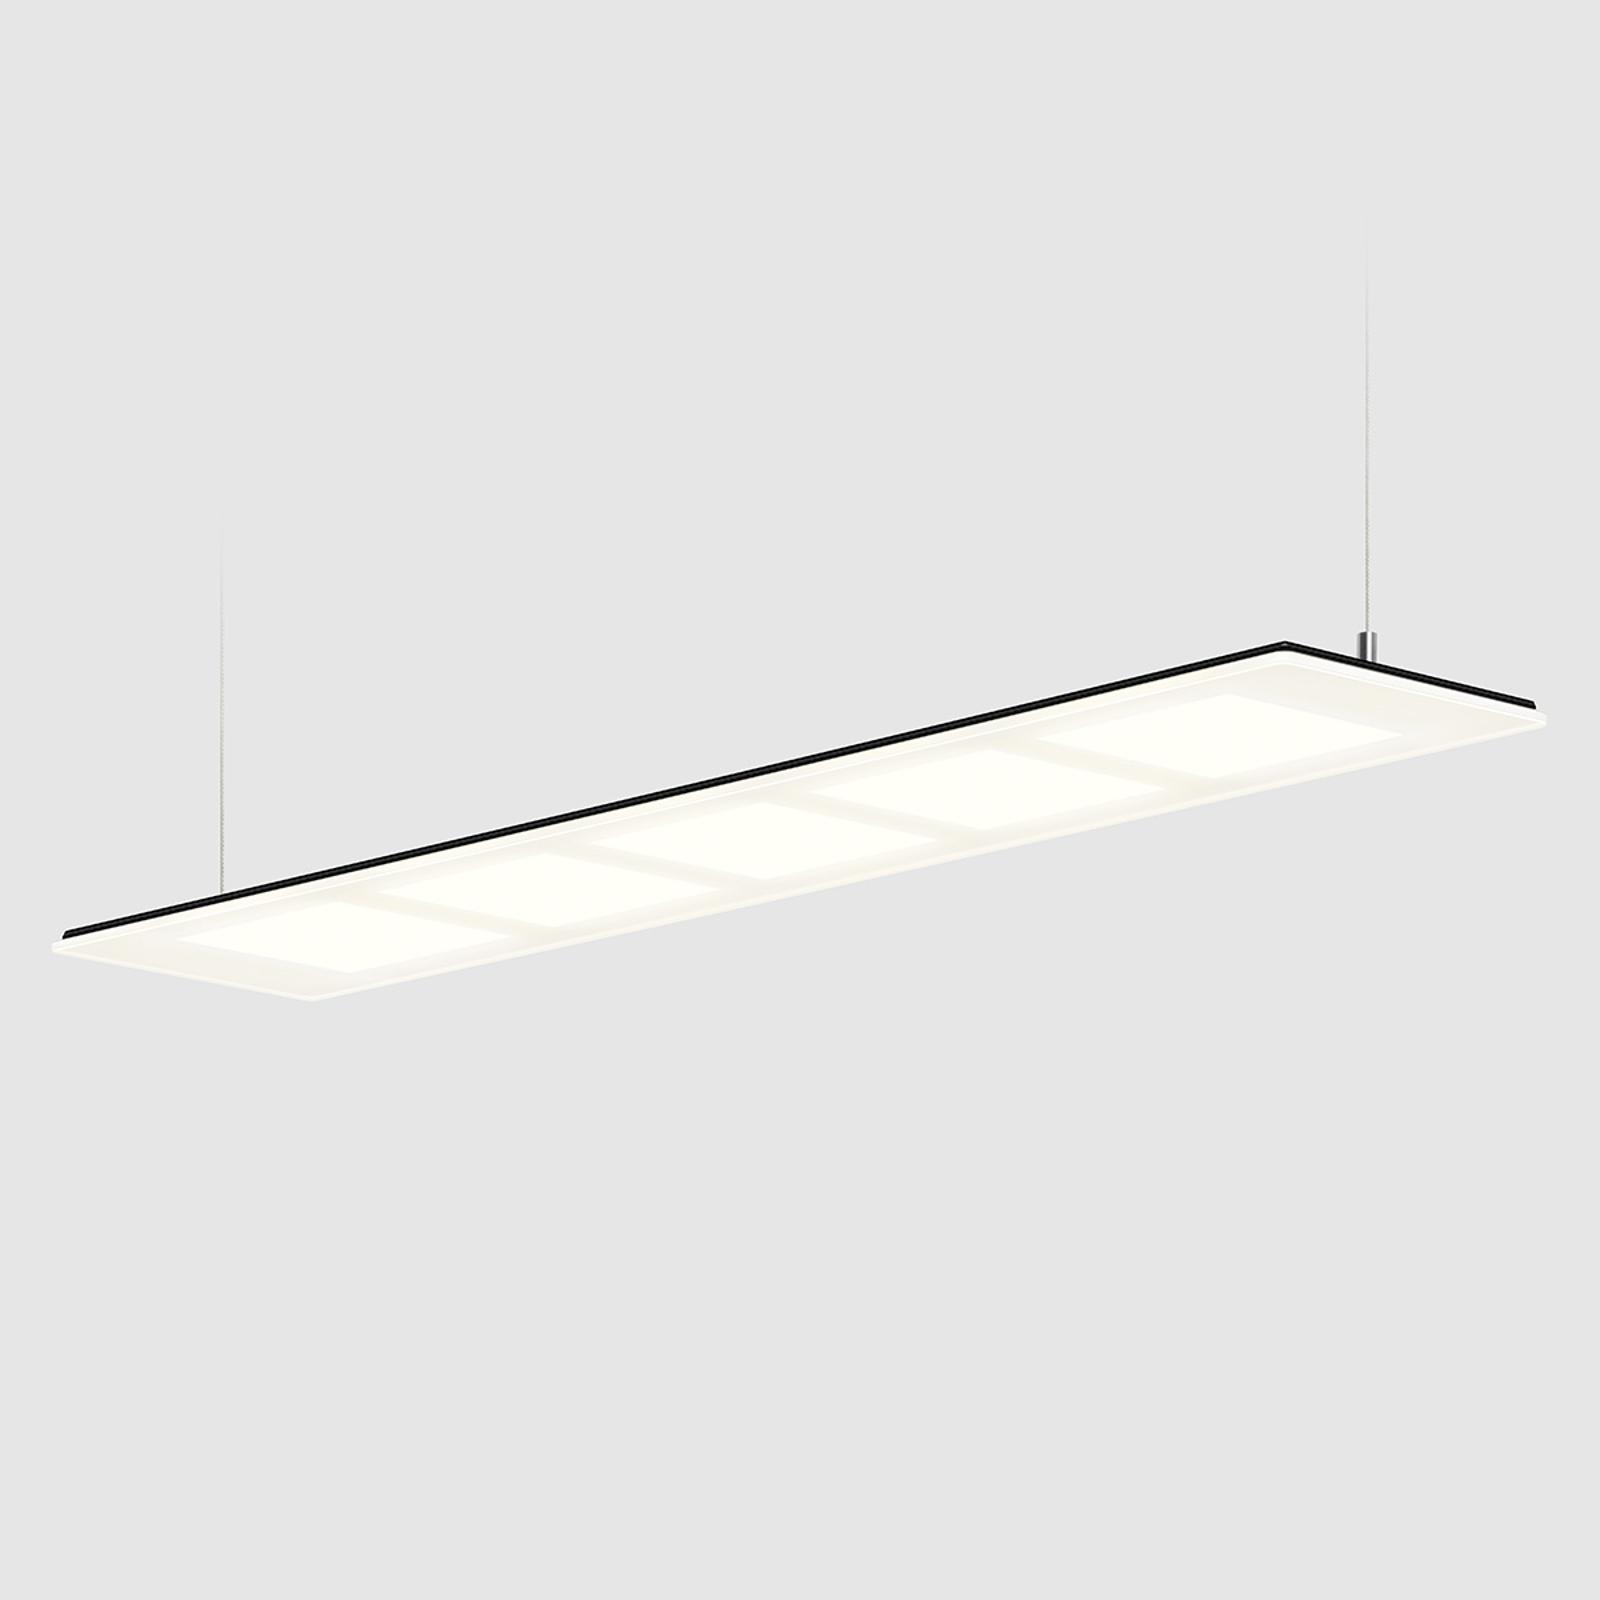 Czarna lampa wisząca OLED OMLED One s5